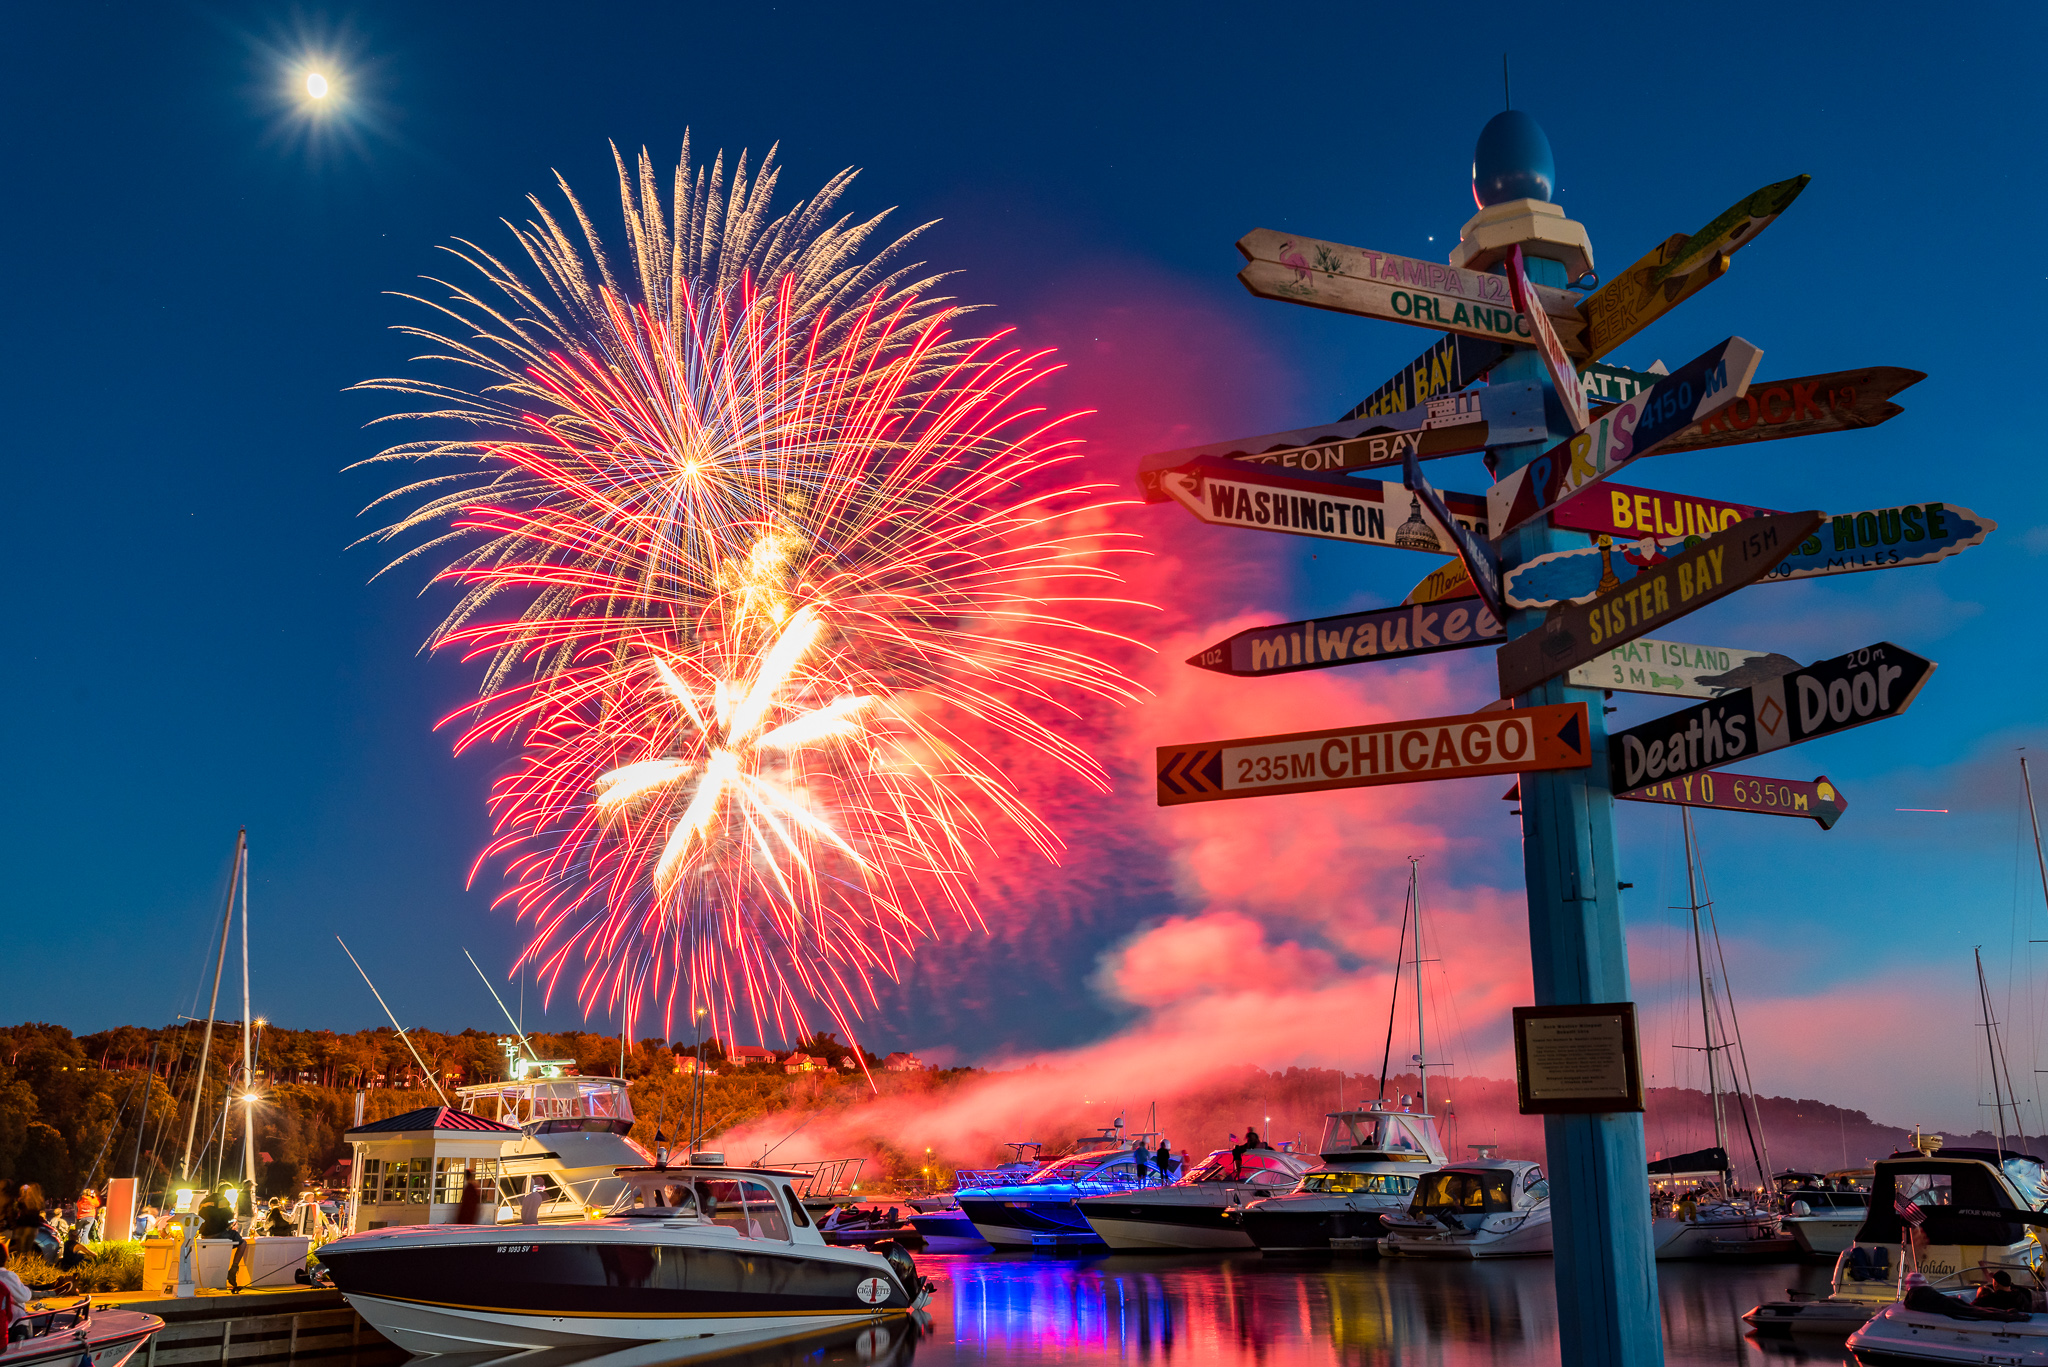 Fireworks in Egg harbor, Door County, Wisconsin